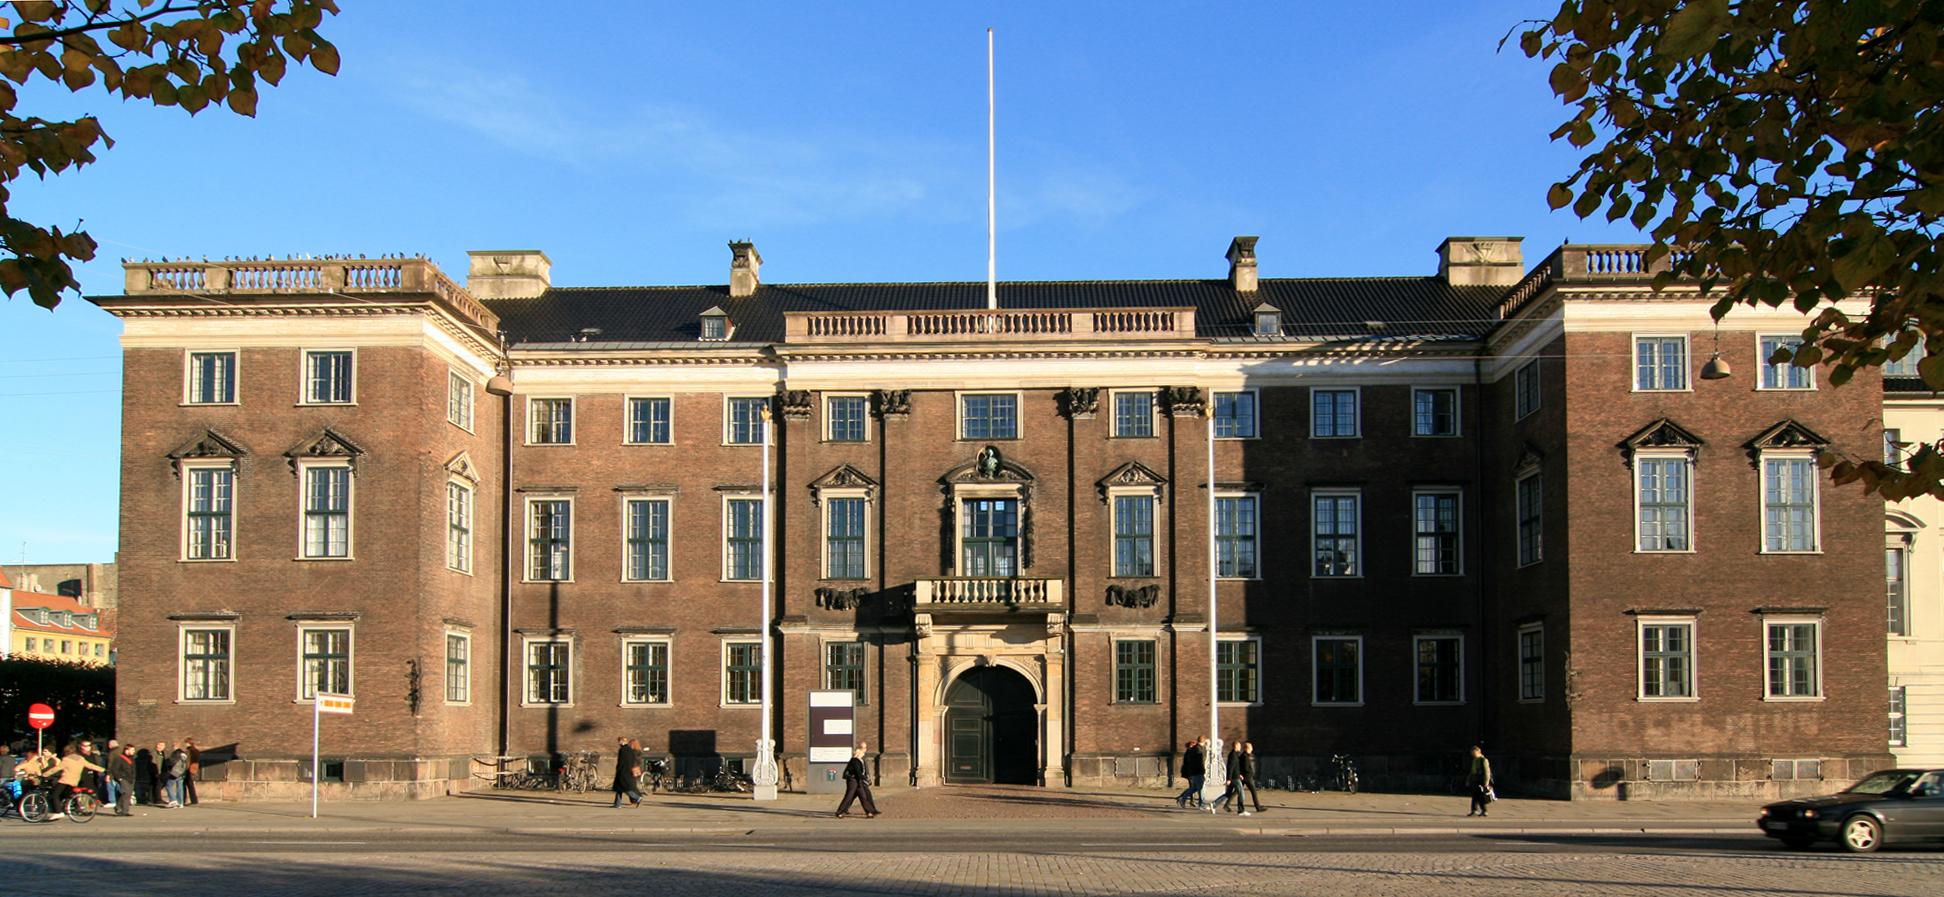 Зеландия, Дания Лучшие достопримечательности в  Зеландии, Дания Charlottenborg K C3 B8benhavn